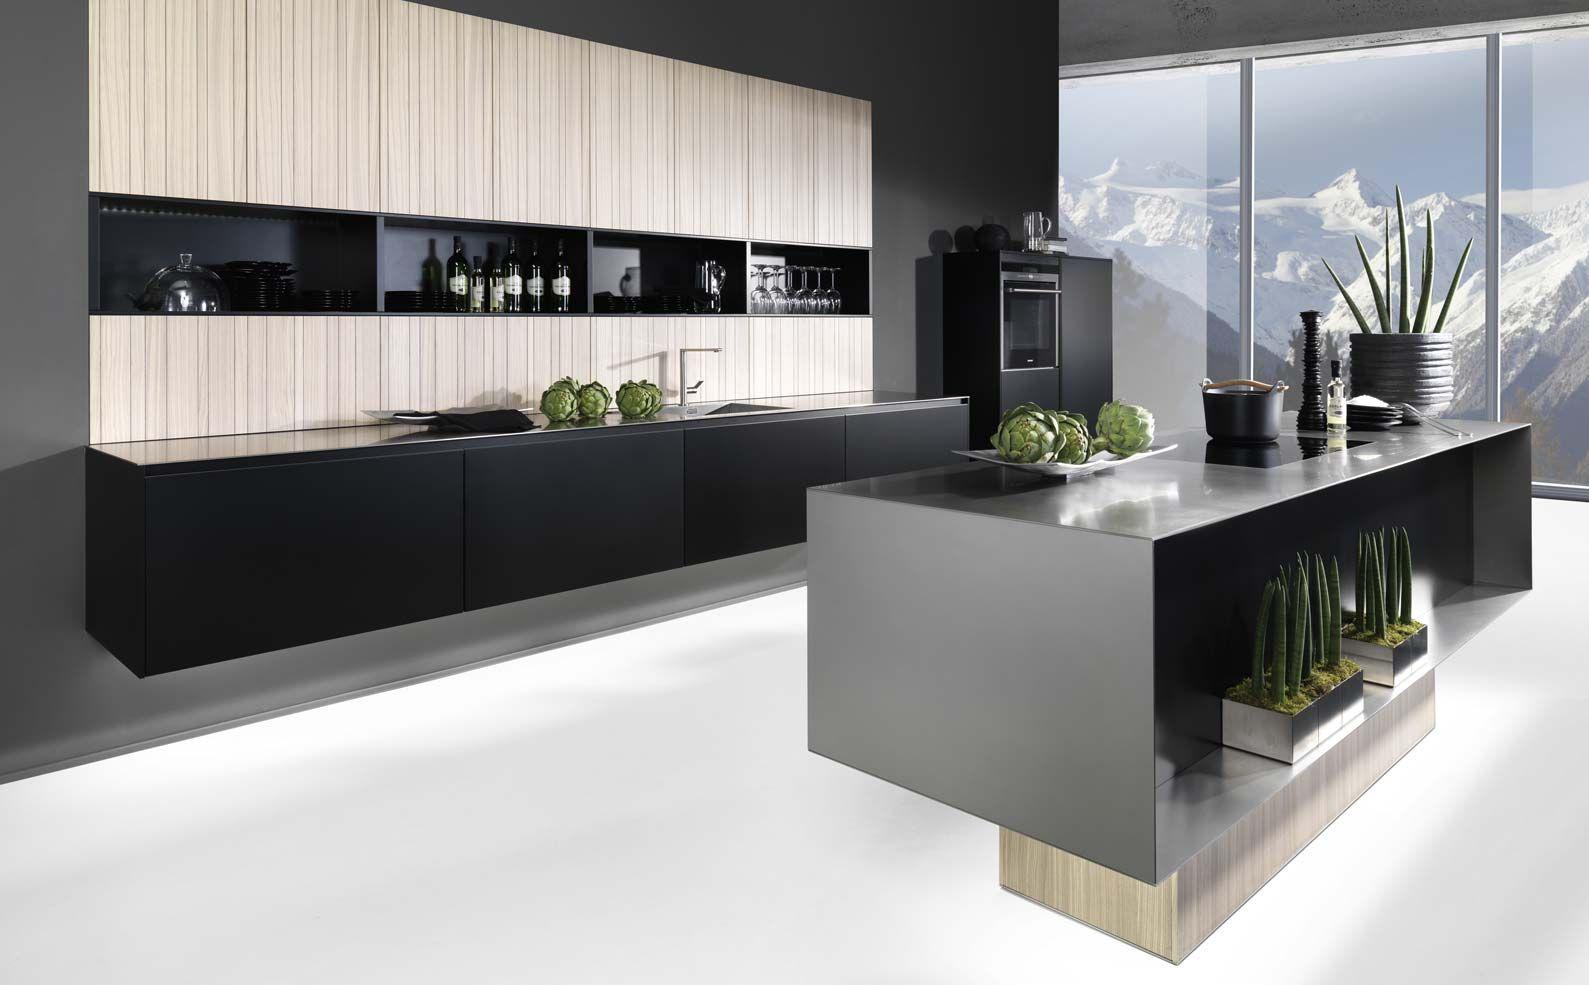 rational einbauküchen -  Contemporary kitchen, Modern kitchen